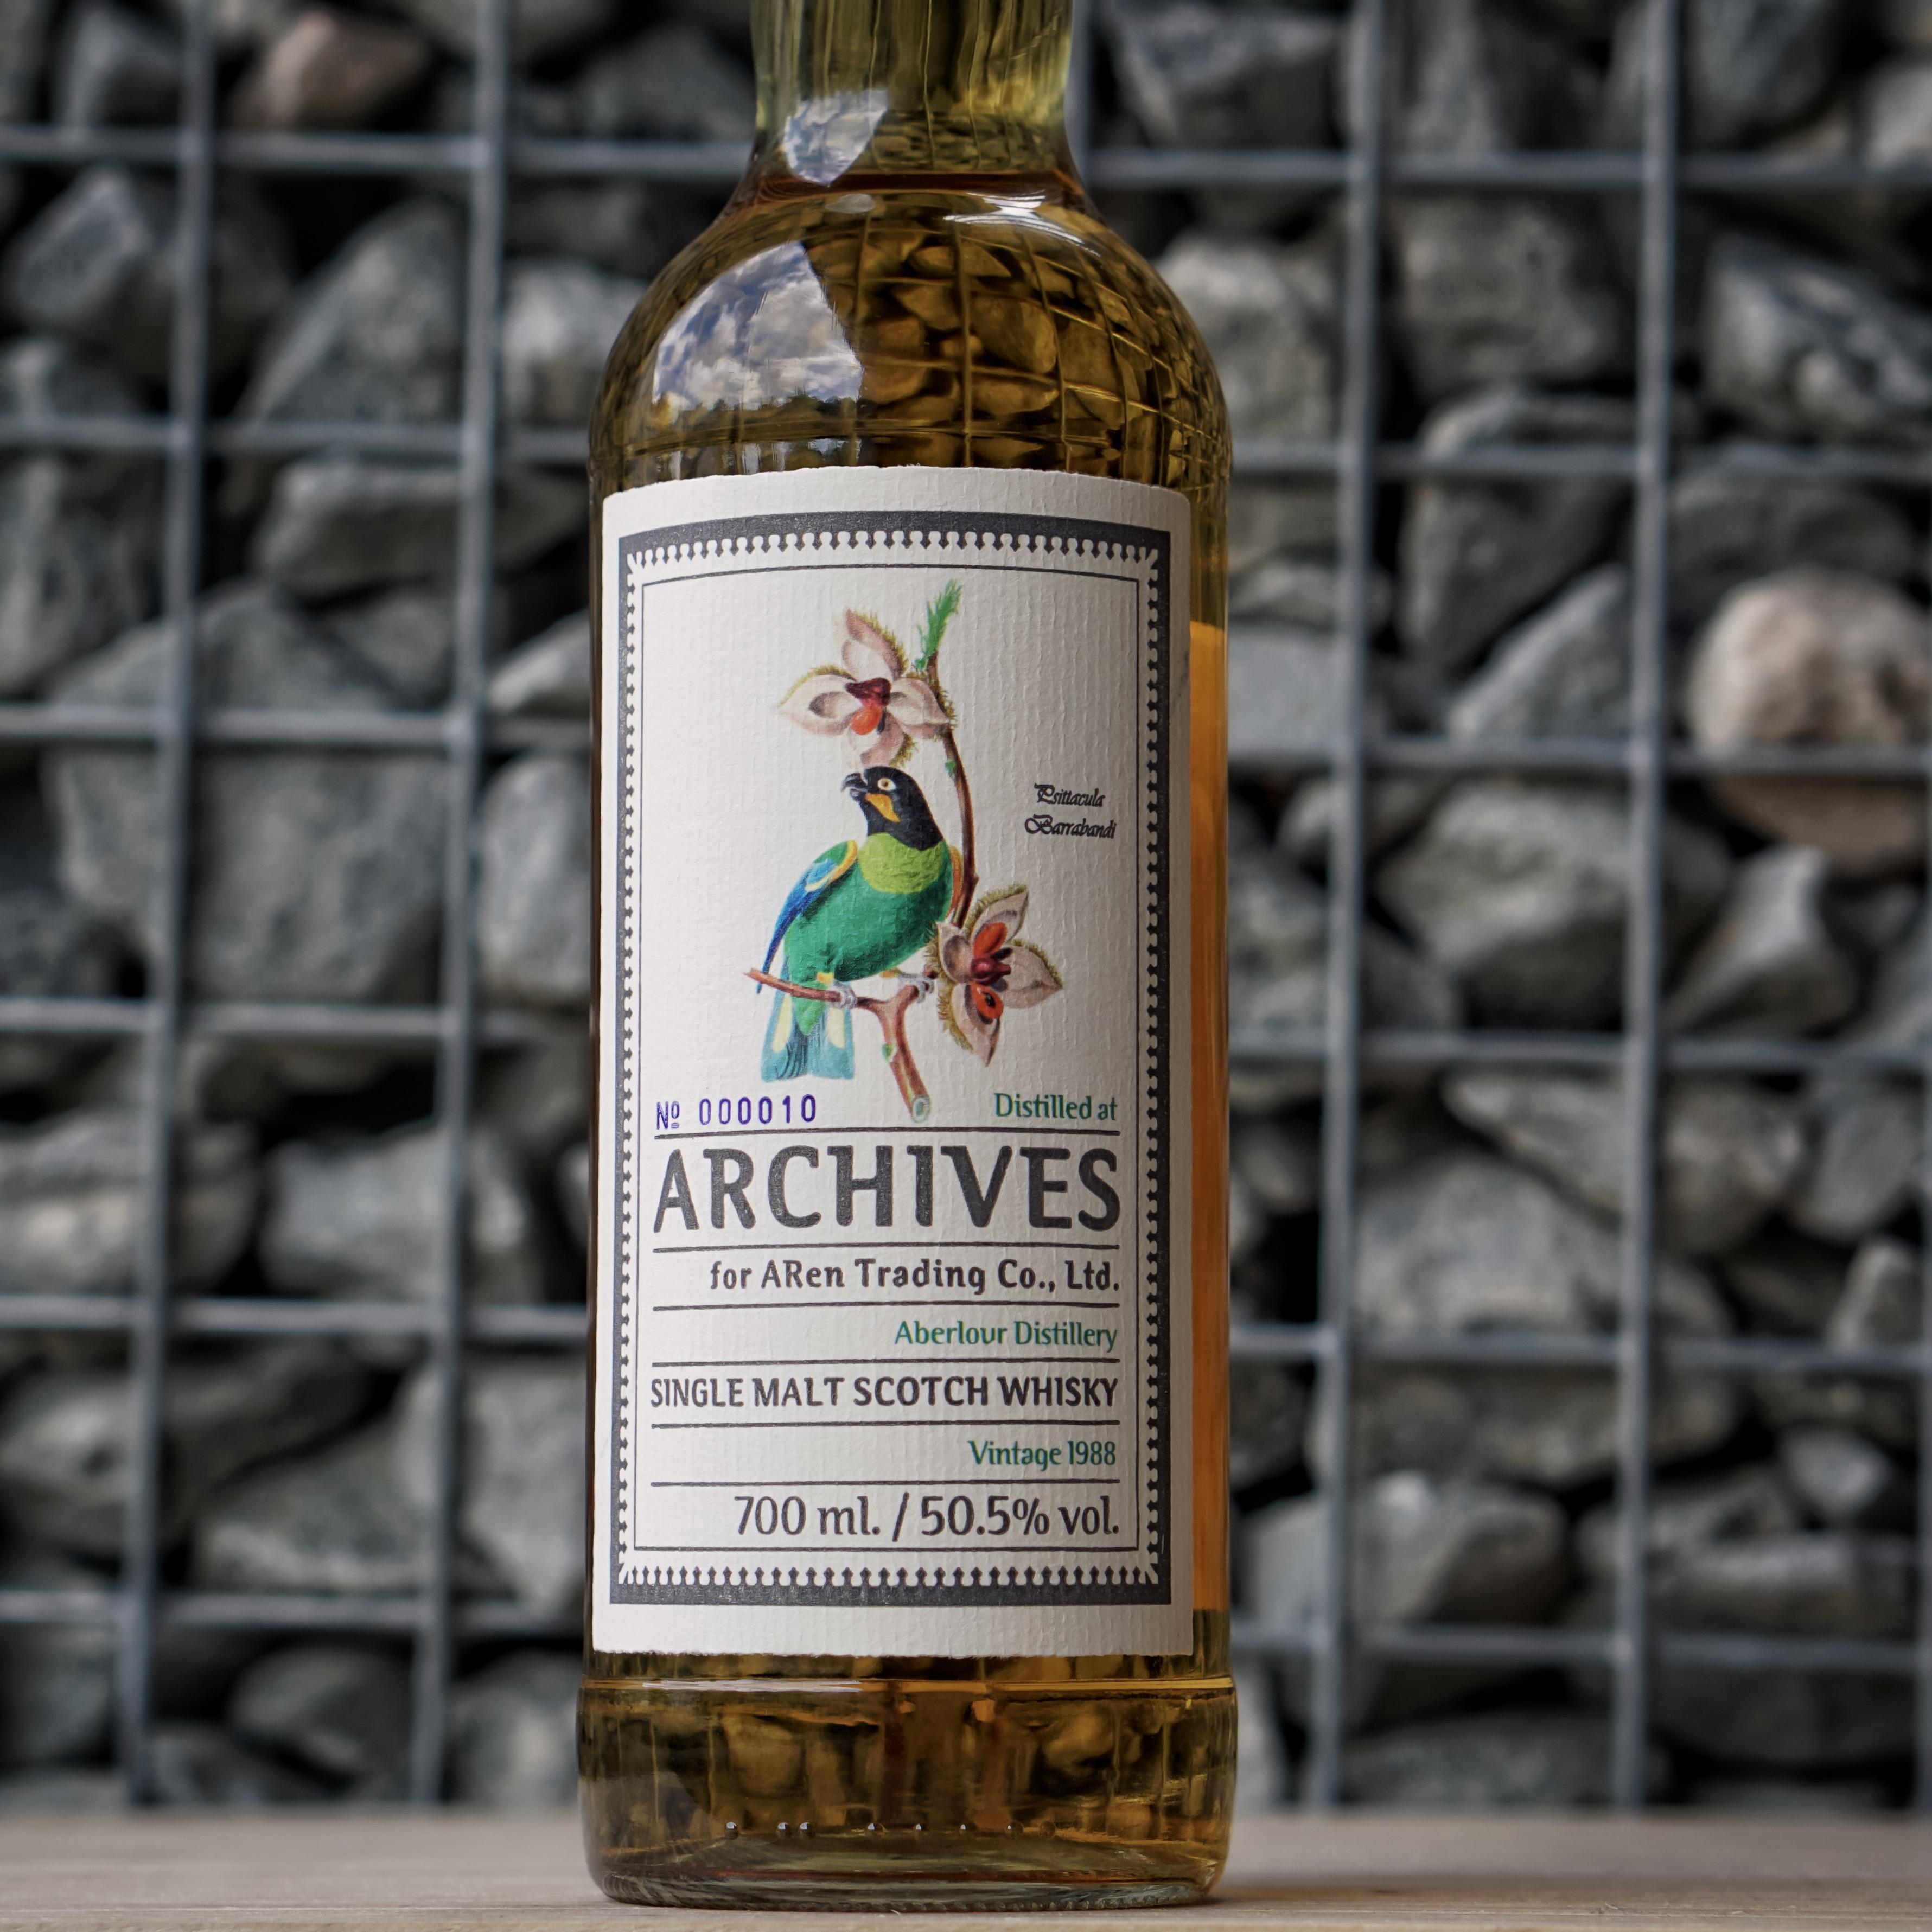 Aberlour 1988 Archives